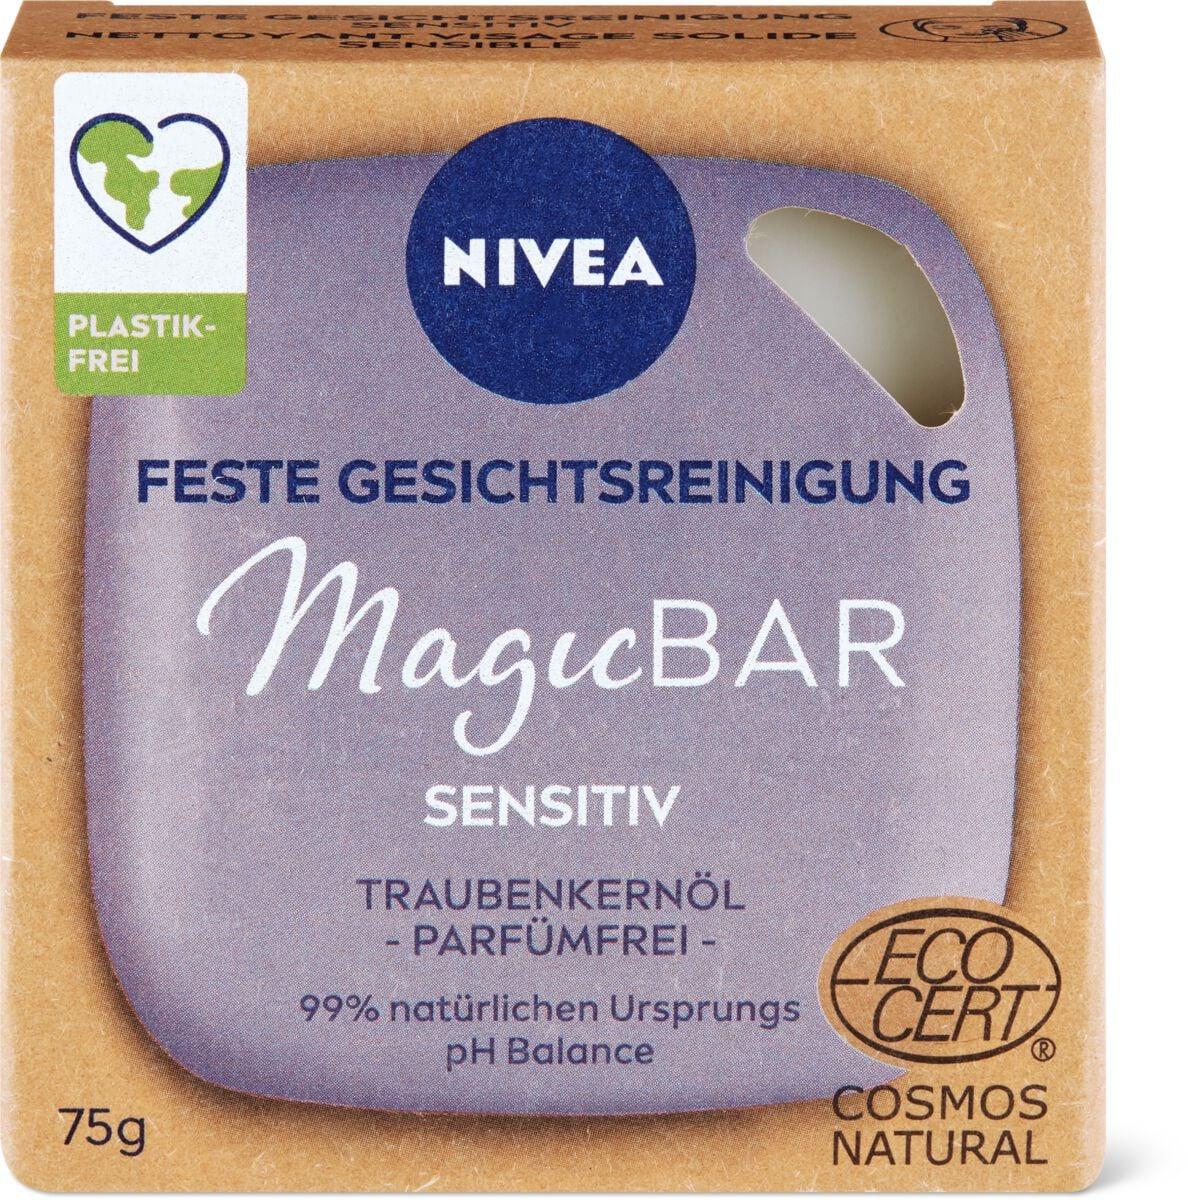 Nivea Magic Bar Sensitiv